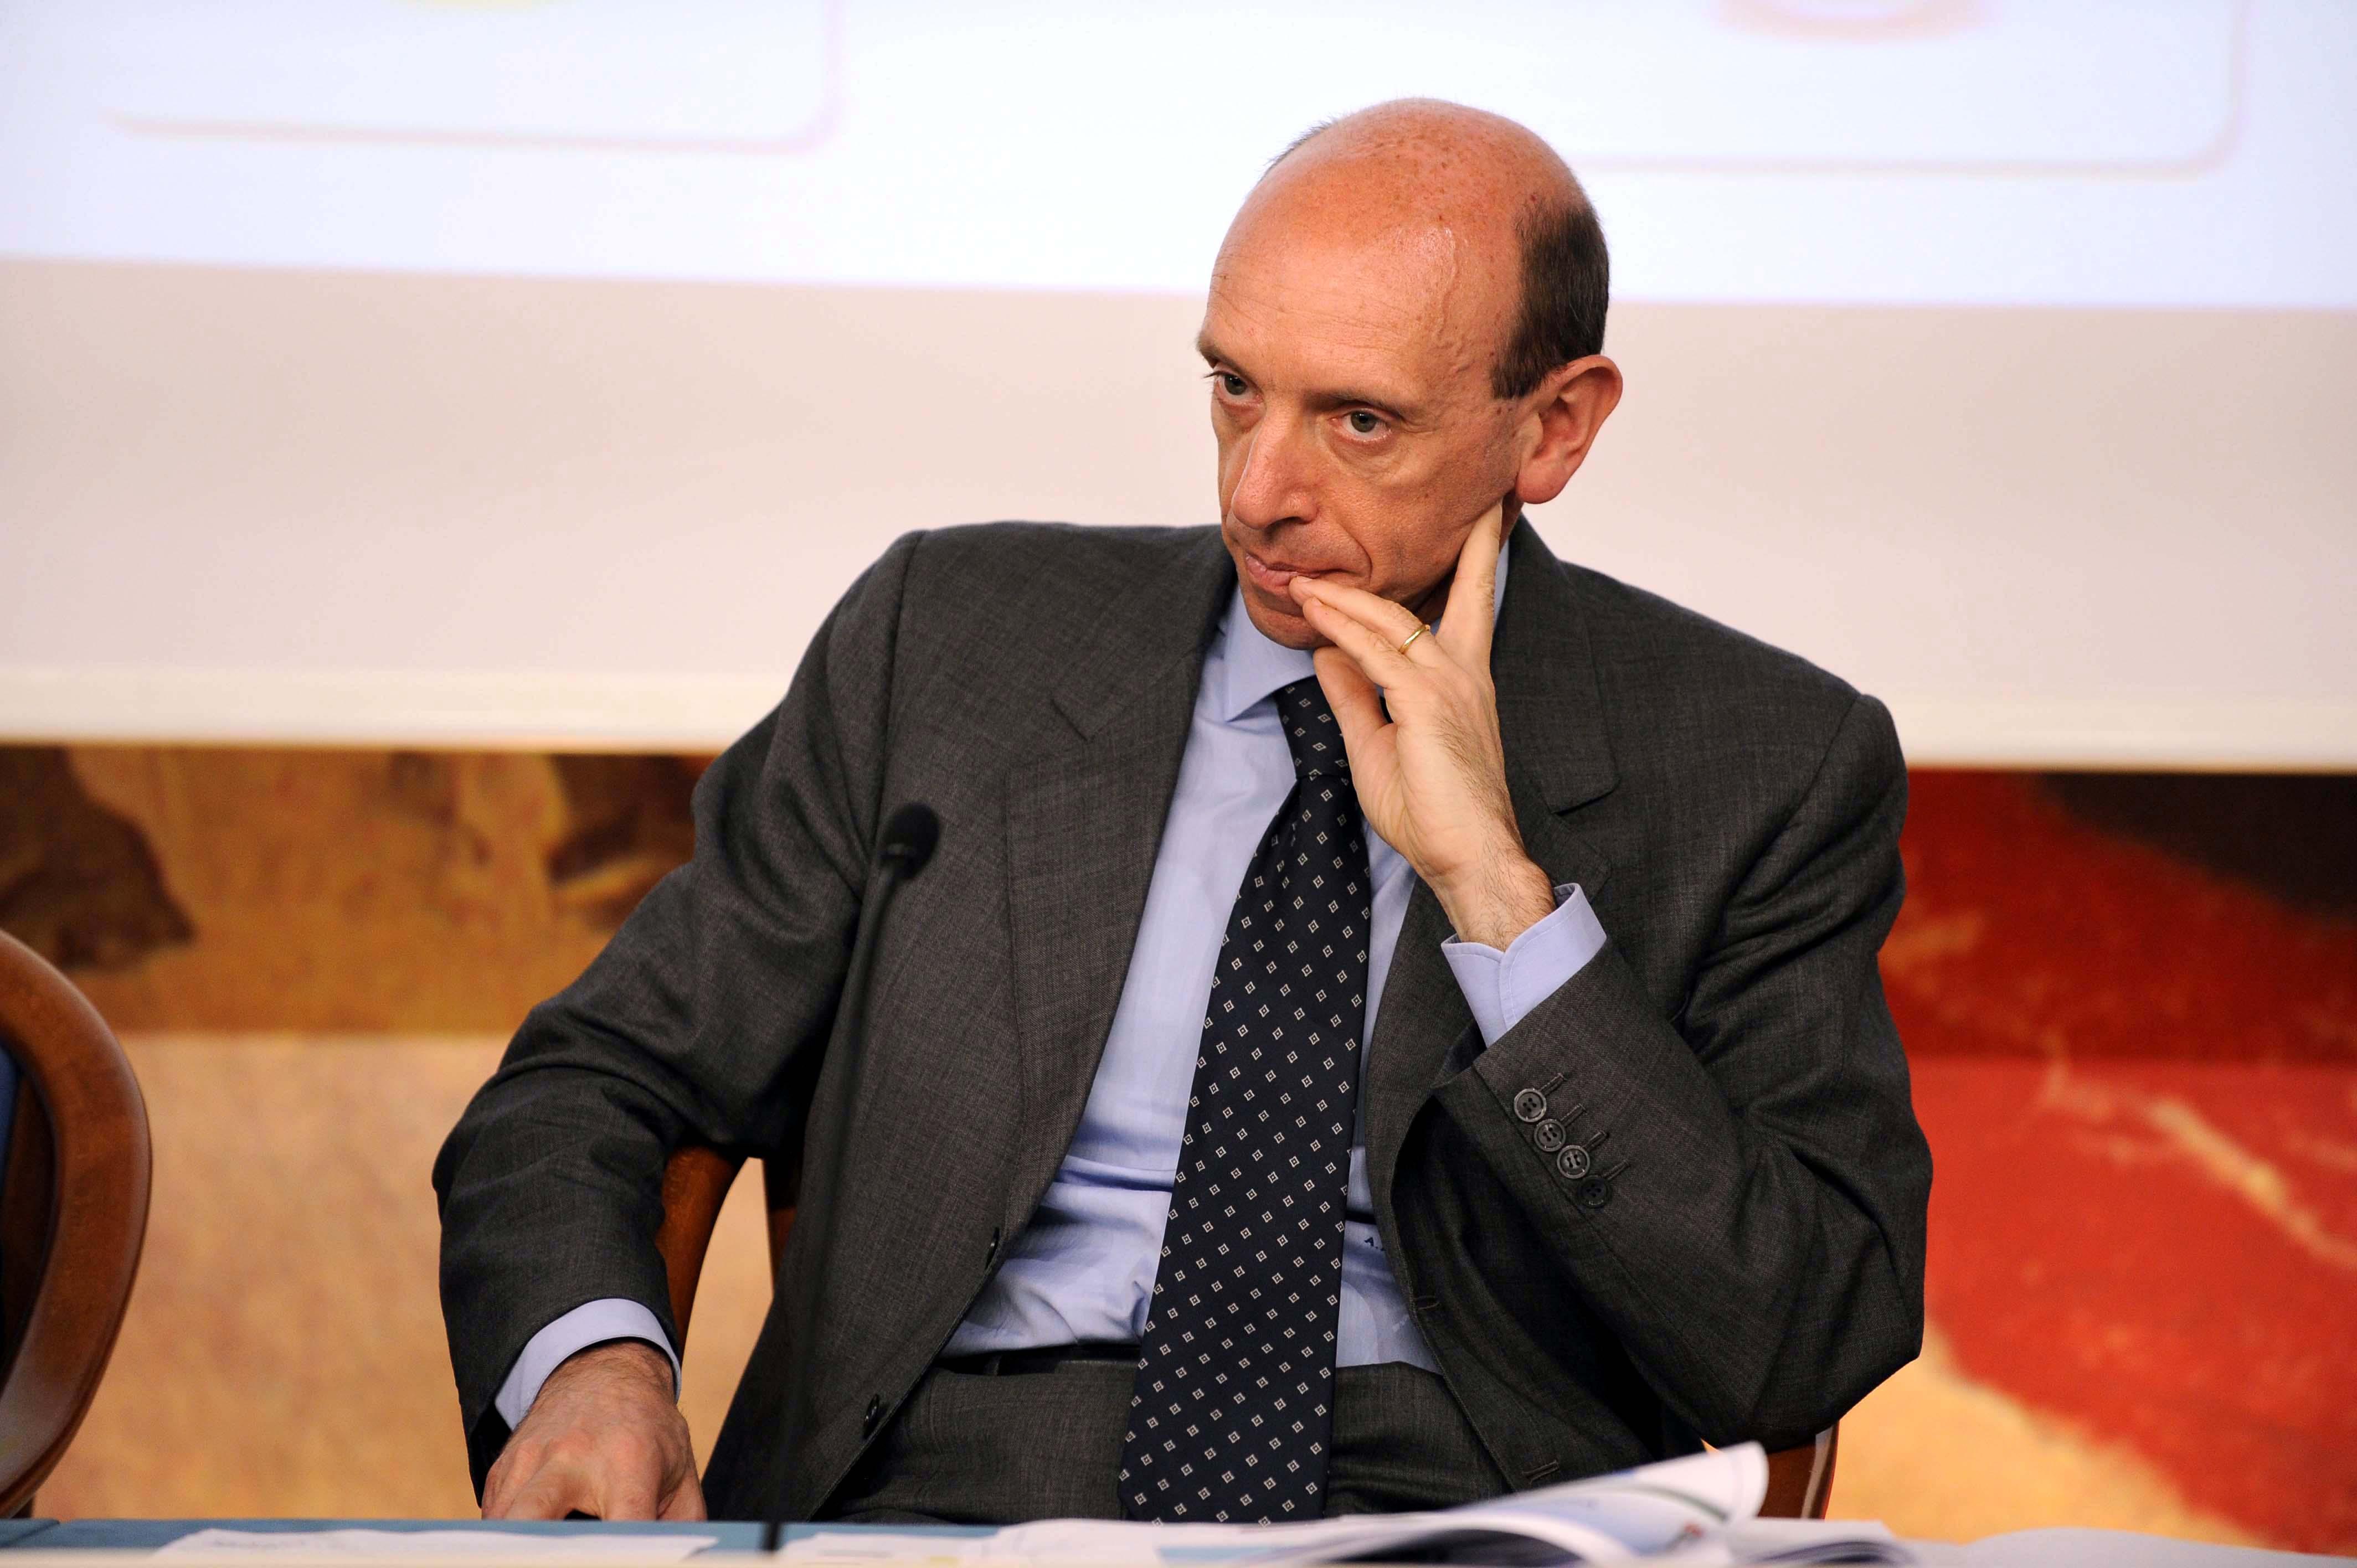 Il presidente Inps Antonio Mastrapasqua (Imagoeconomica)